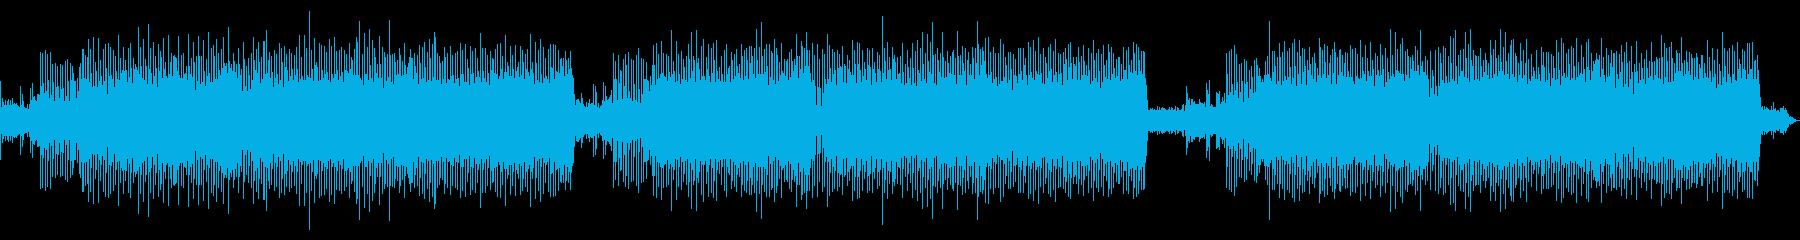 シューティングゲーム風BGMロングmixの再生済みの波形